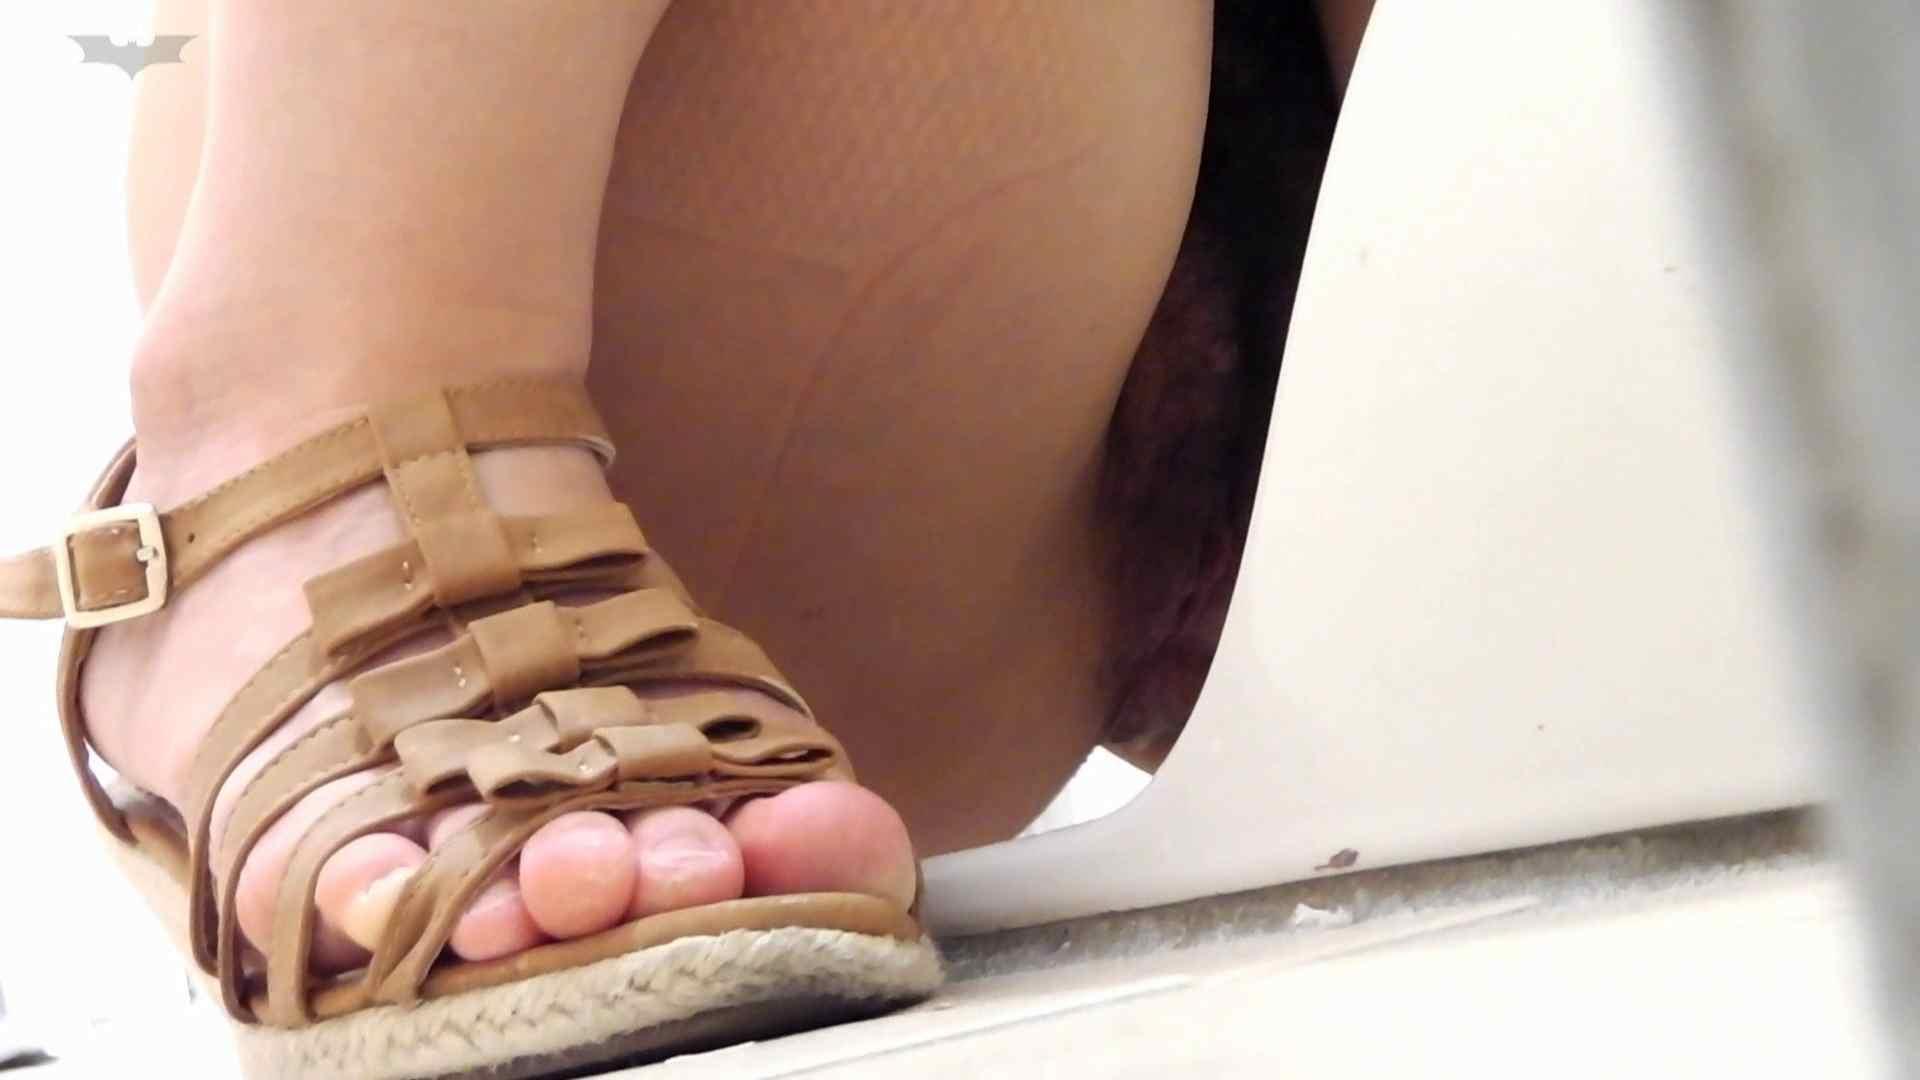 巨乳 乳首:美しい日本の未来 No.11 進歩!【2015・03位】:怪盗ジョーカー